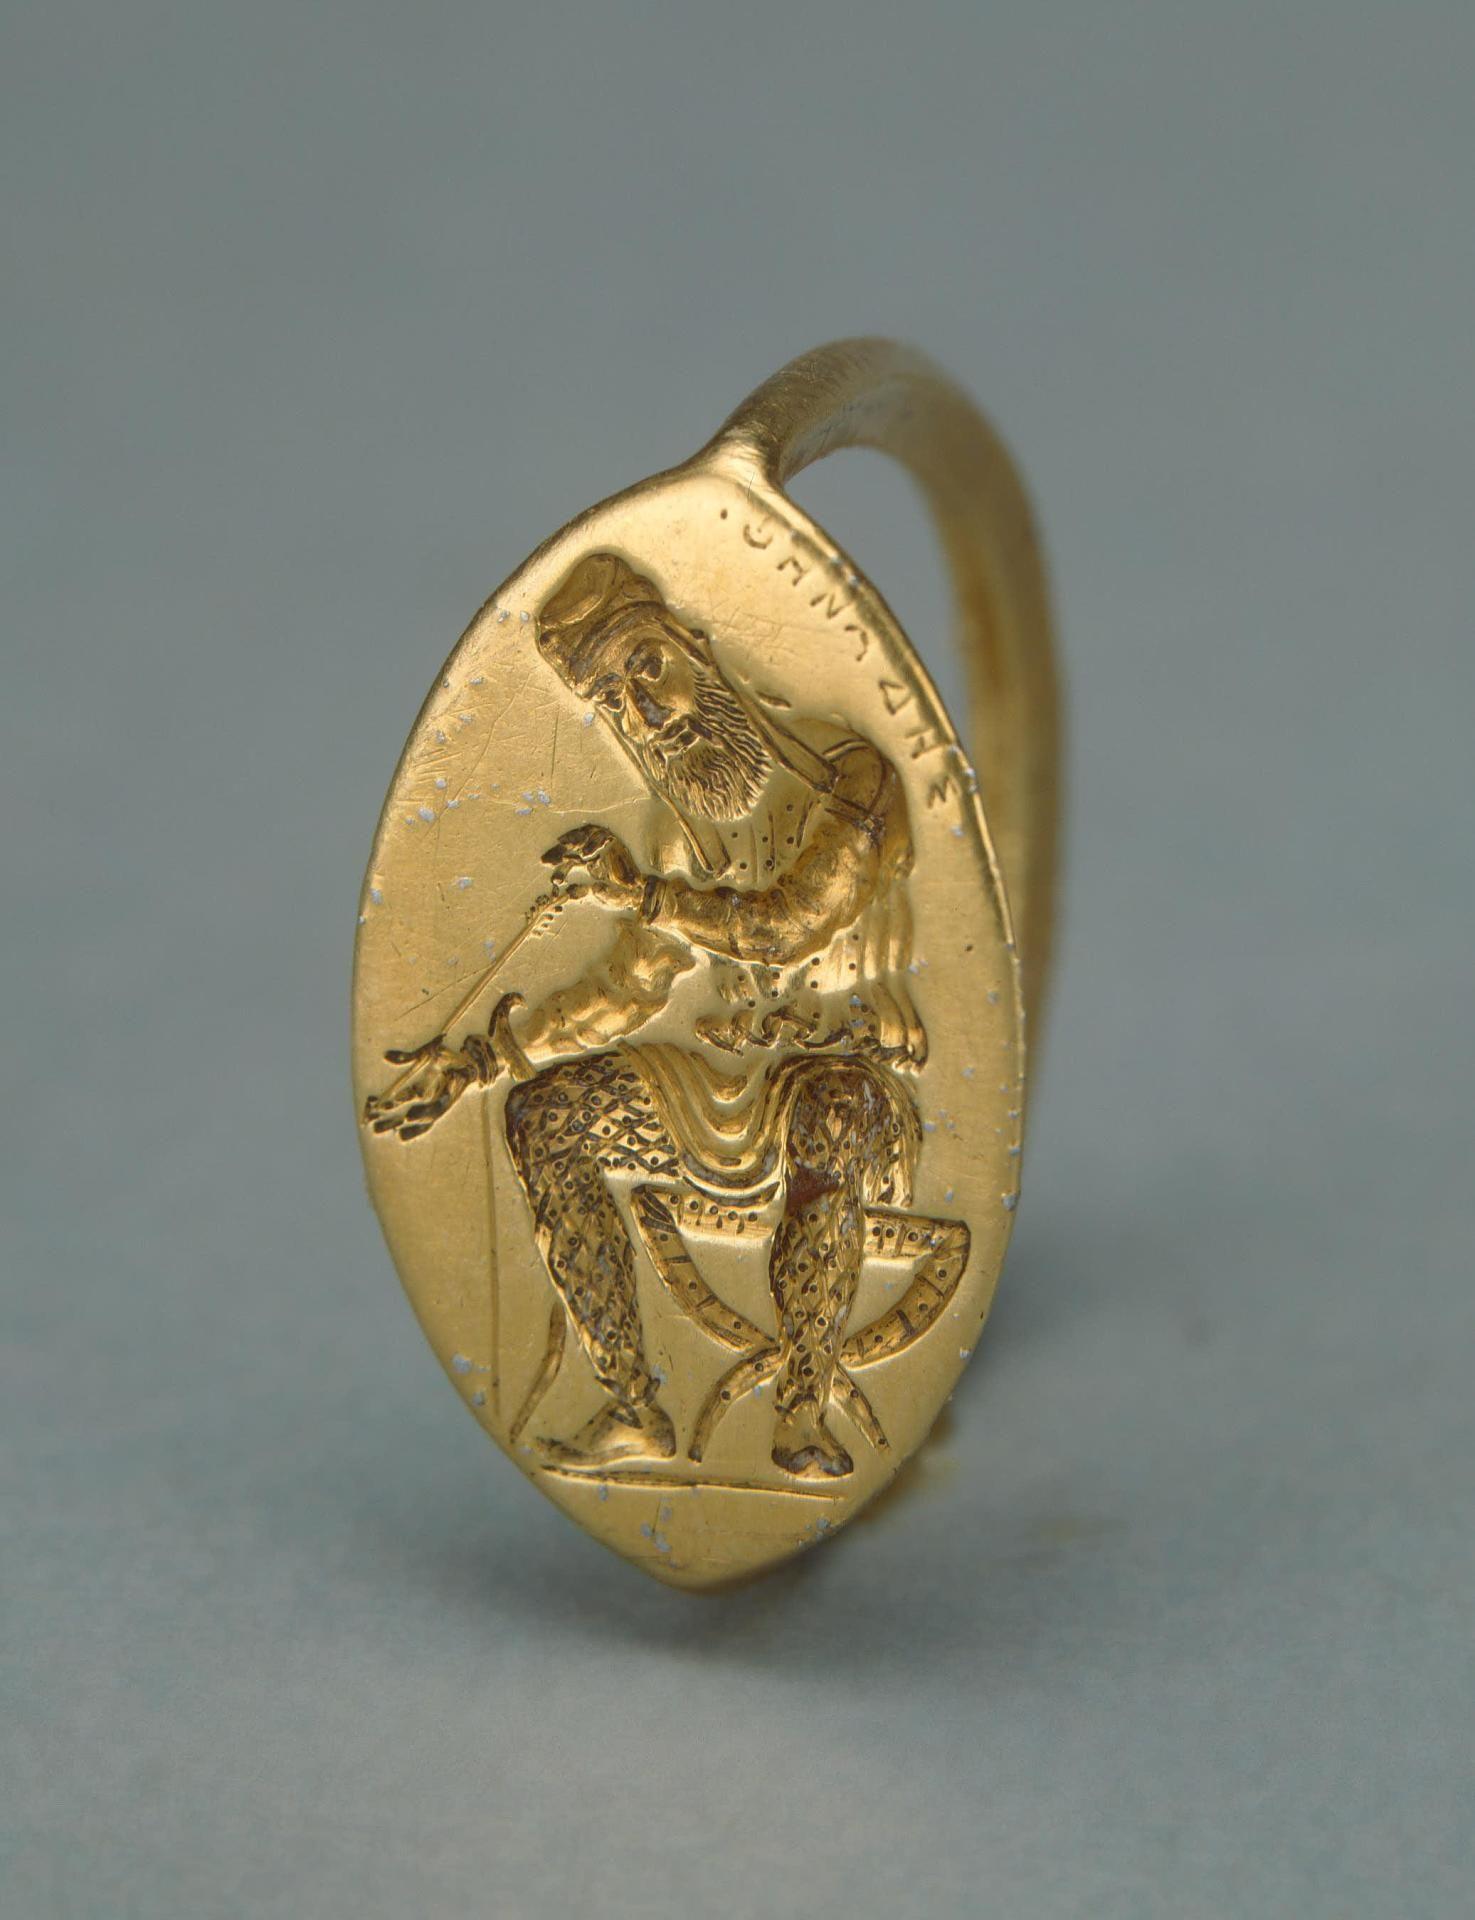 上图:一个主前5世纪末波斯人坐像凹刻印章戒指,属于当时波斯帝国黑海沿海的博斯普鲁斯王国(Bosporan Kingdom)。